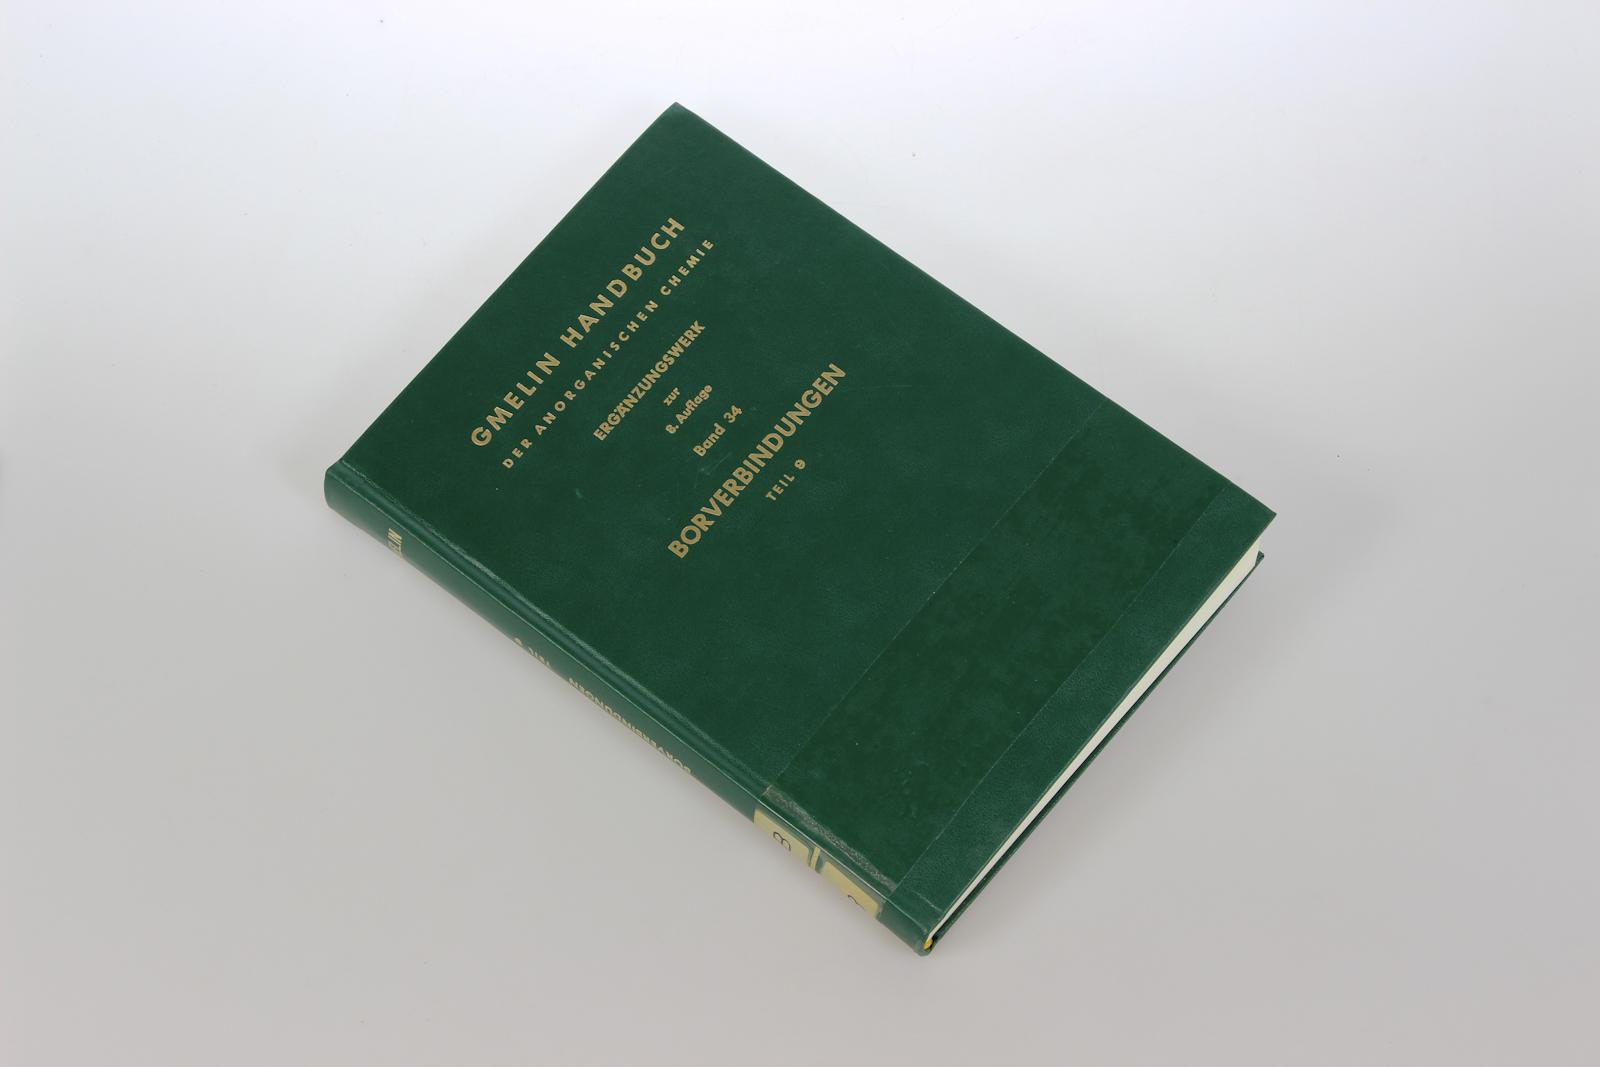 Gmelins Handbuch der Anorganischen Chemie. Ergänzungswerk zur 8. Auflage. Bd.34: Borverbindungen, Teil 9: Bor-Halogen-Verbindungen, Teil 1.